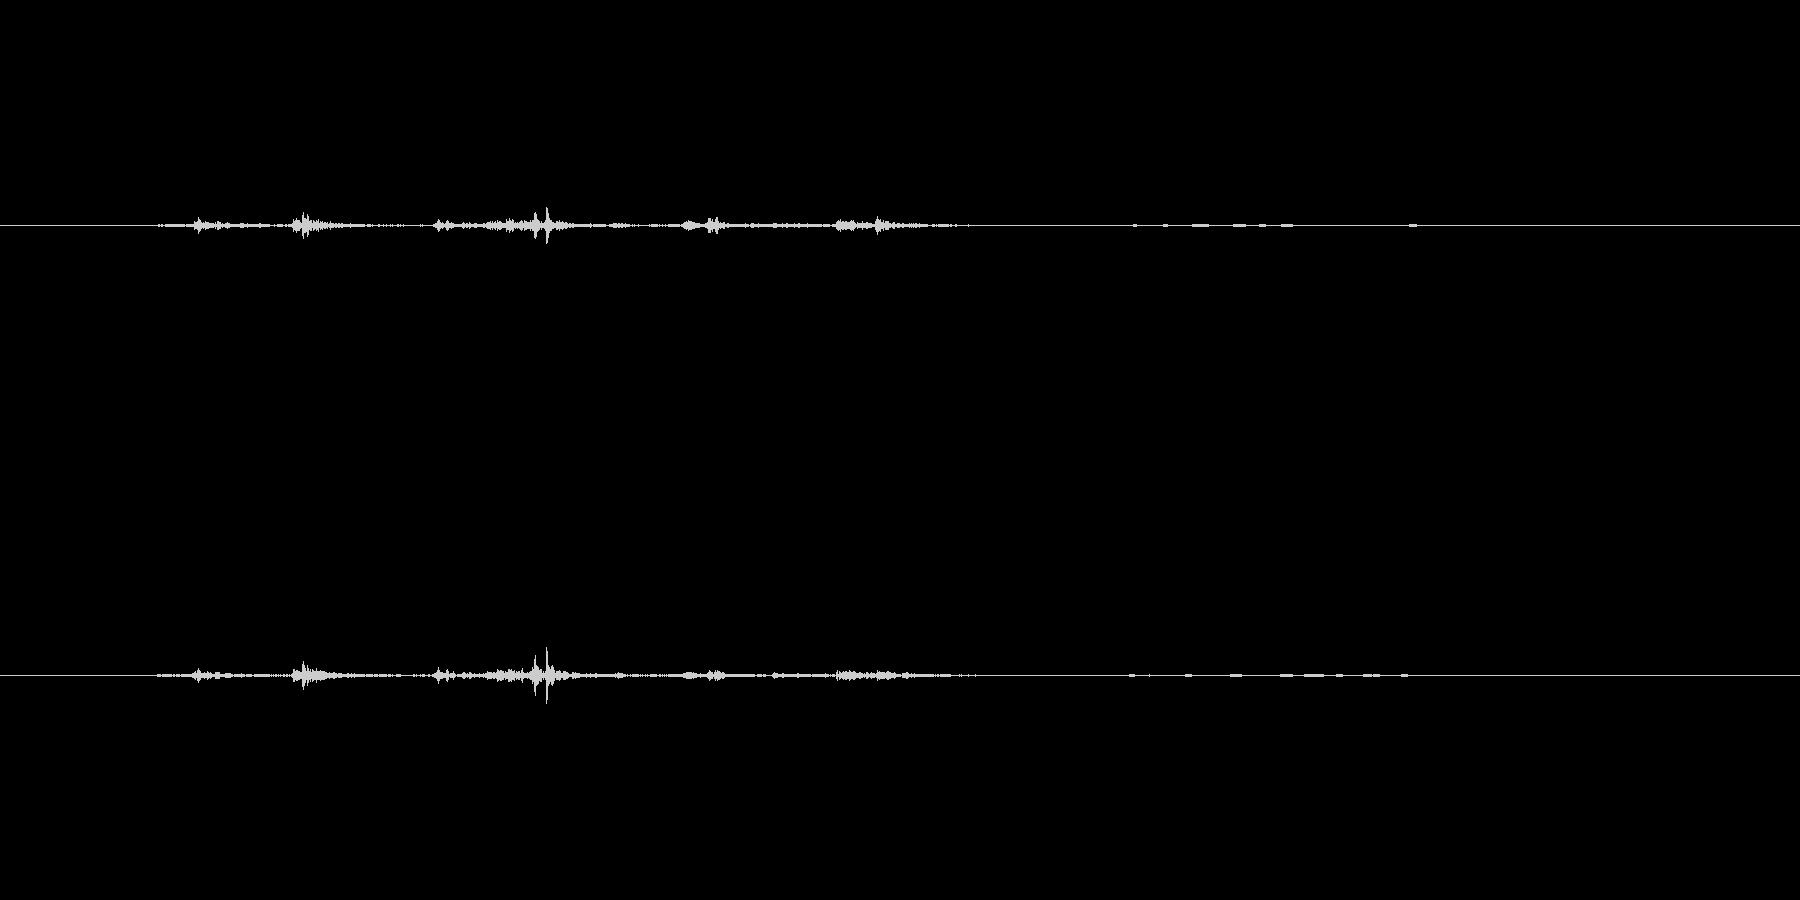 ガチャ(ドアが開く音)の未再生の波形